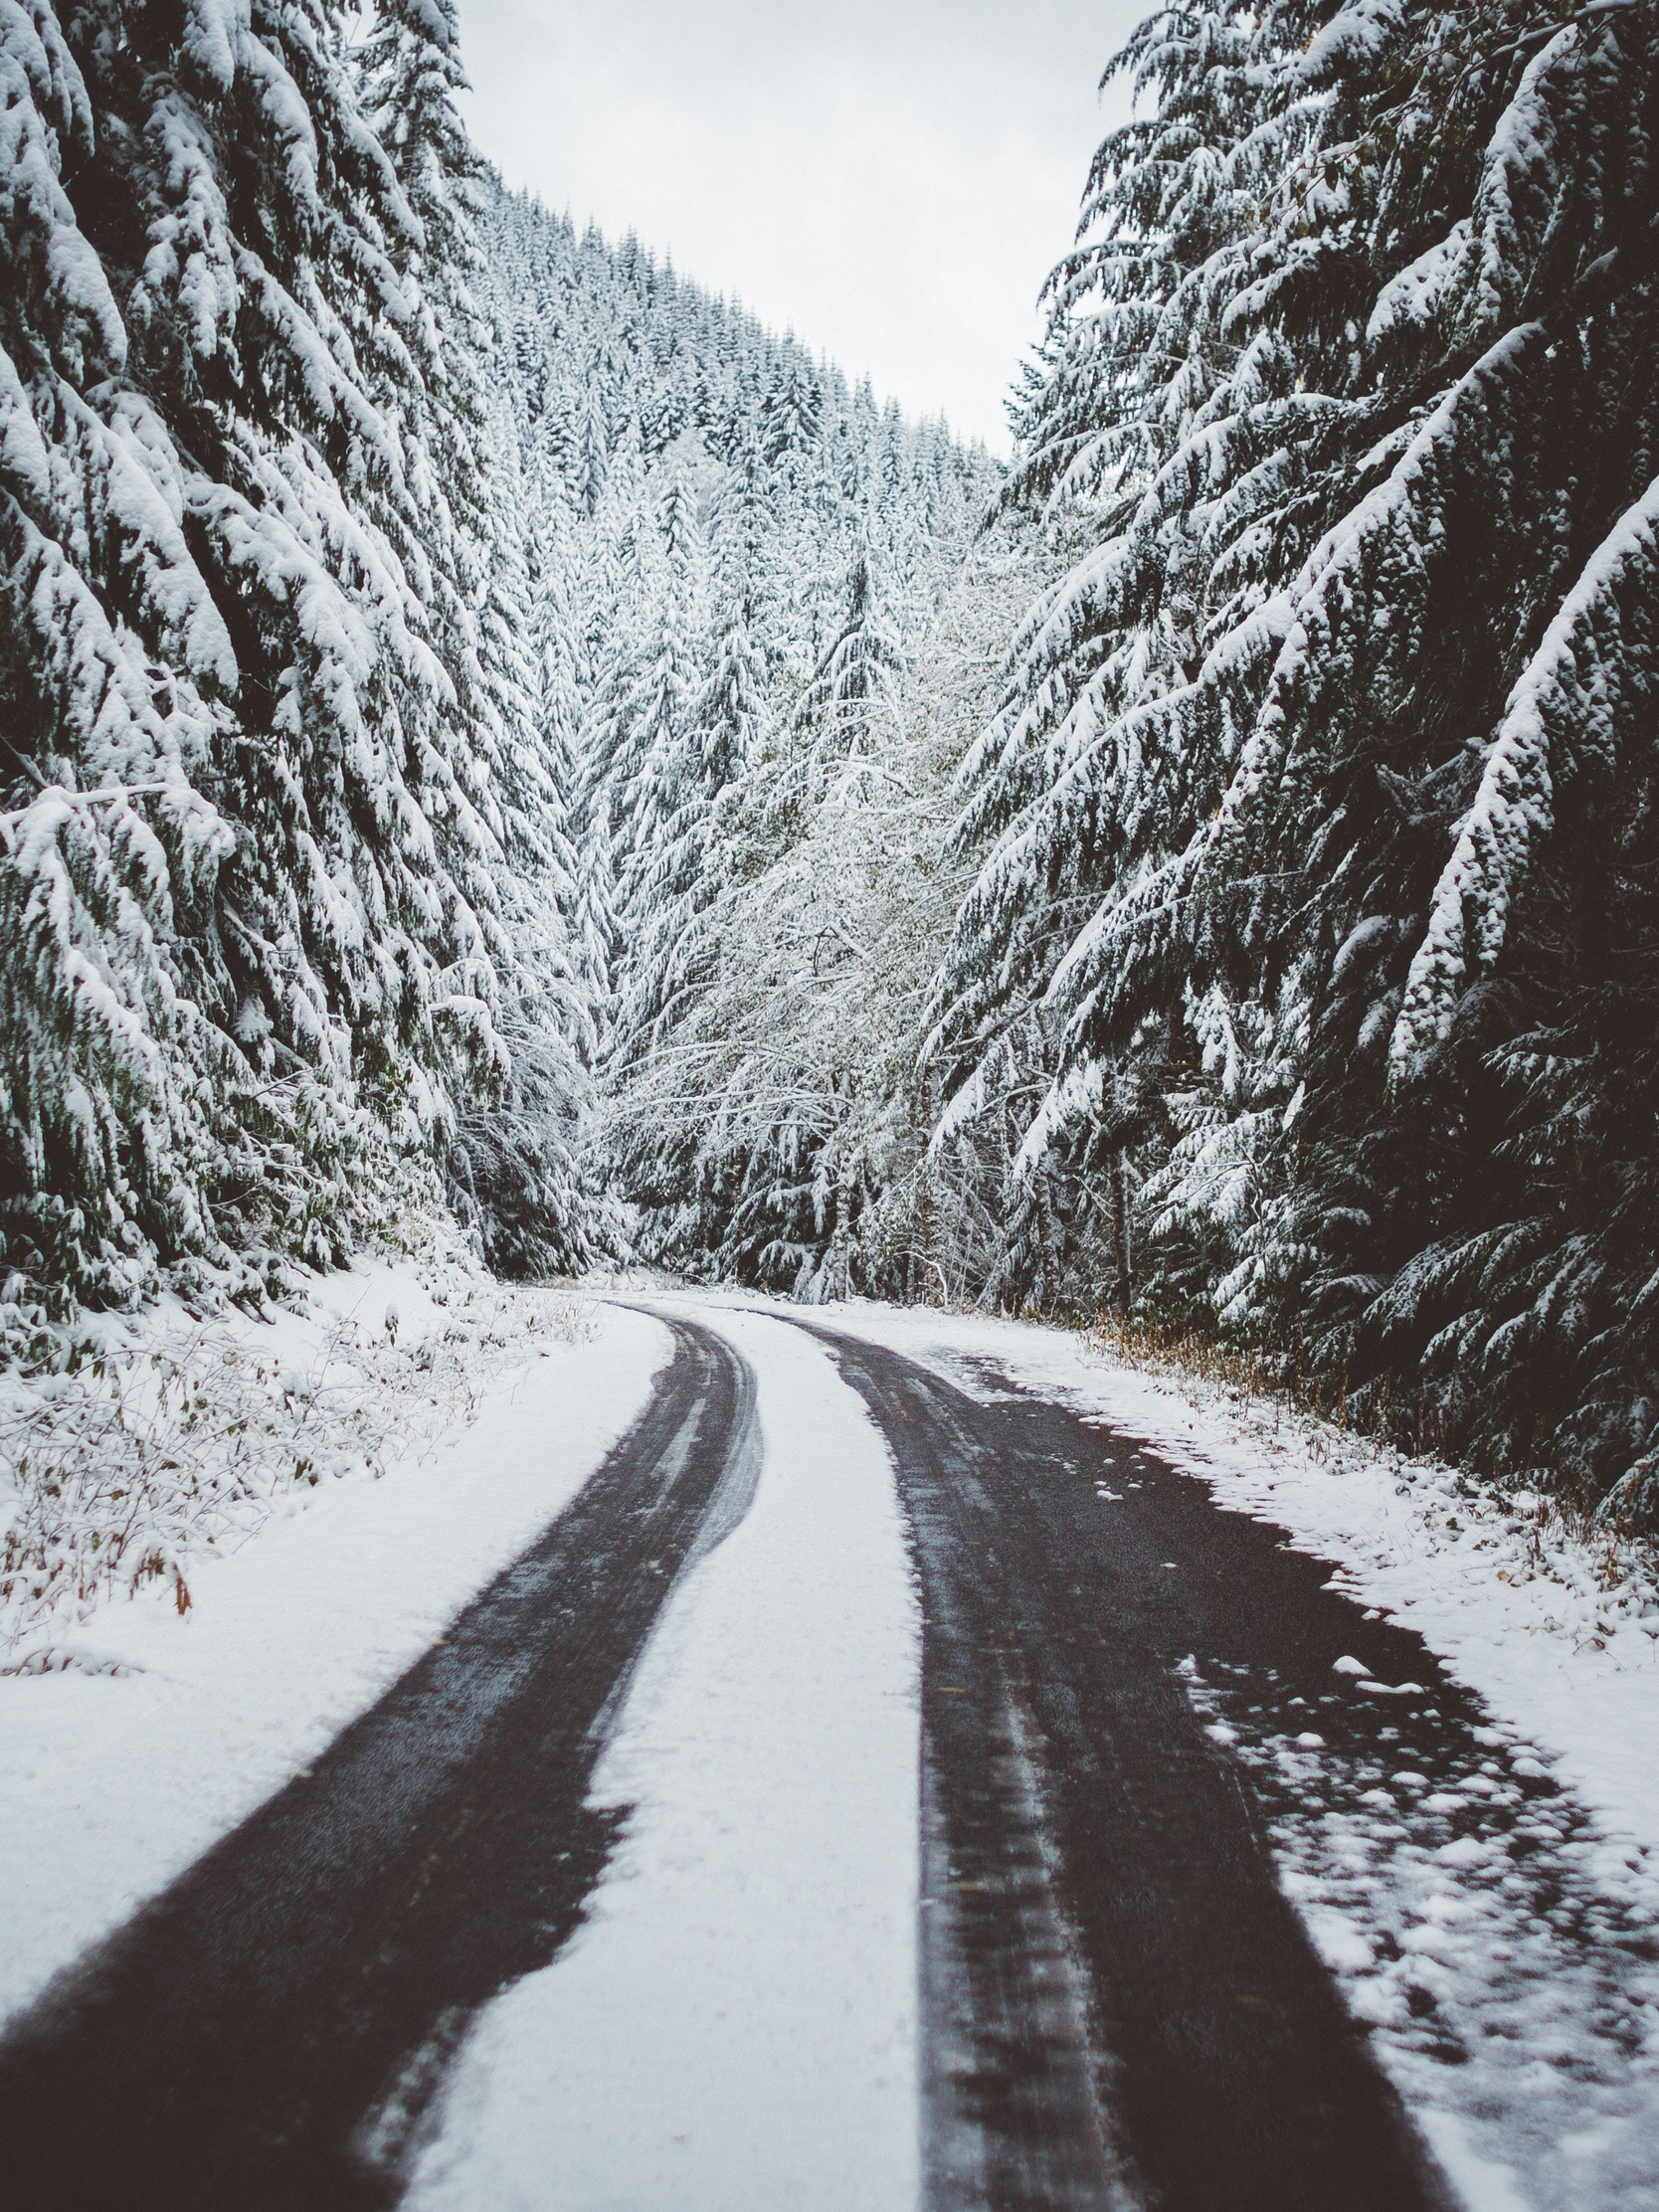 Картинка: Зима, лес, дорога, следы, снег, пейзаж, природа, деревья